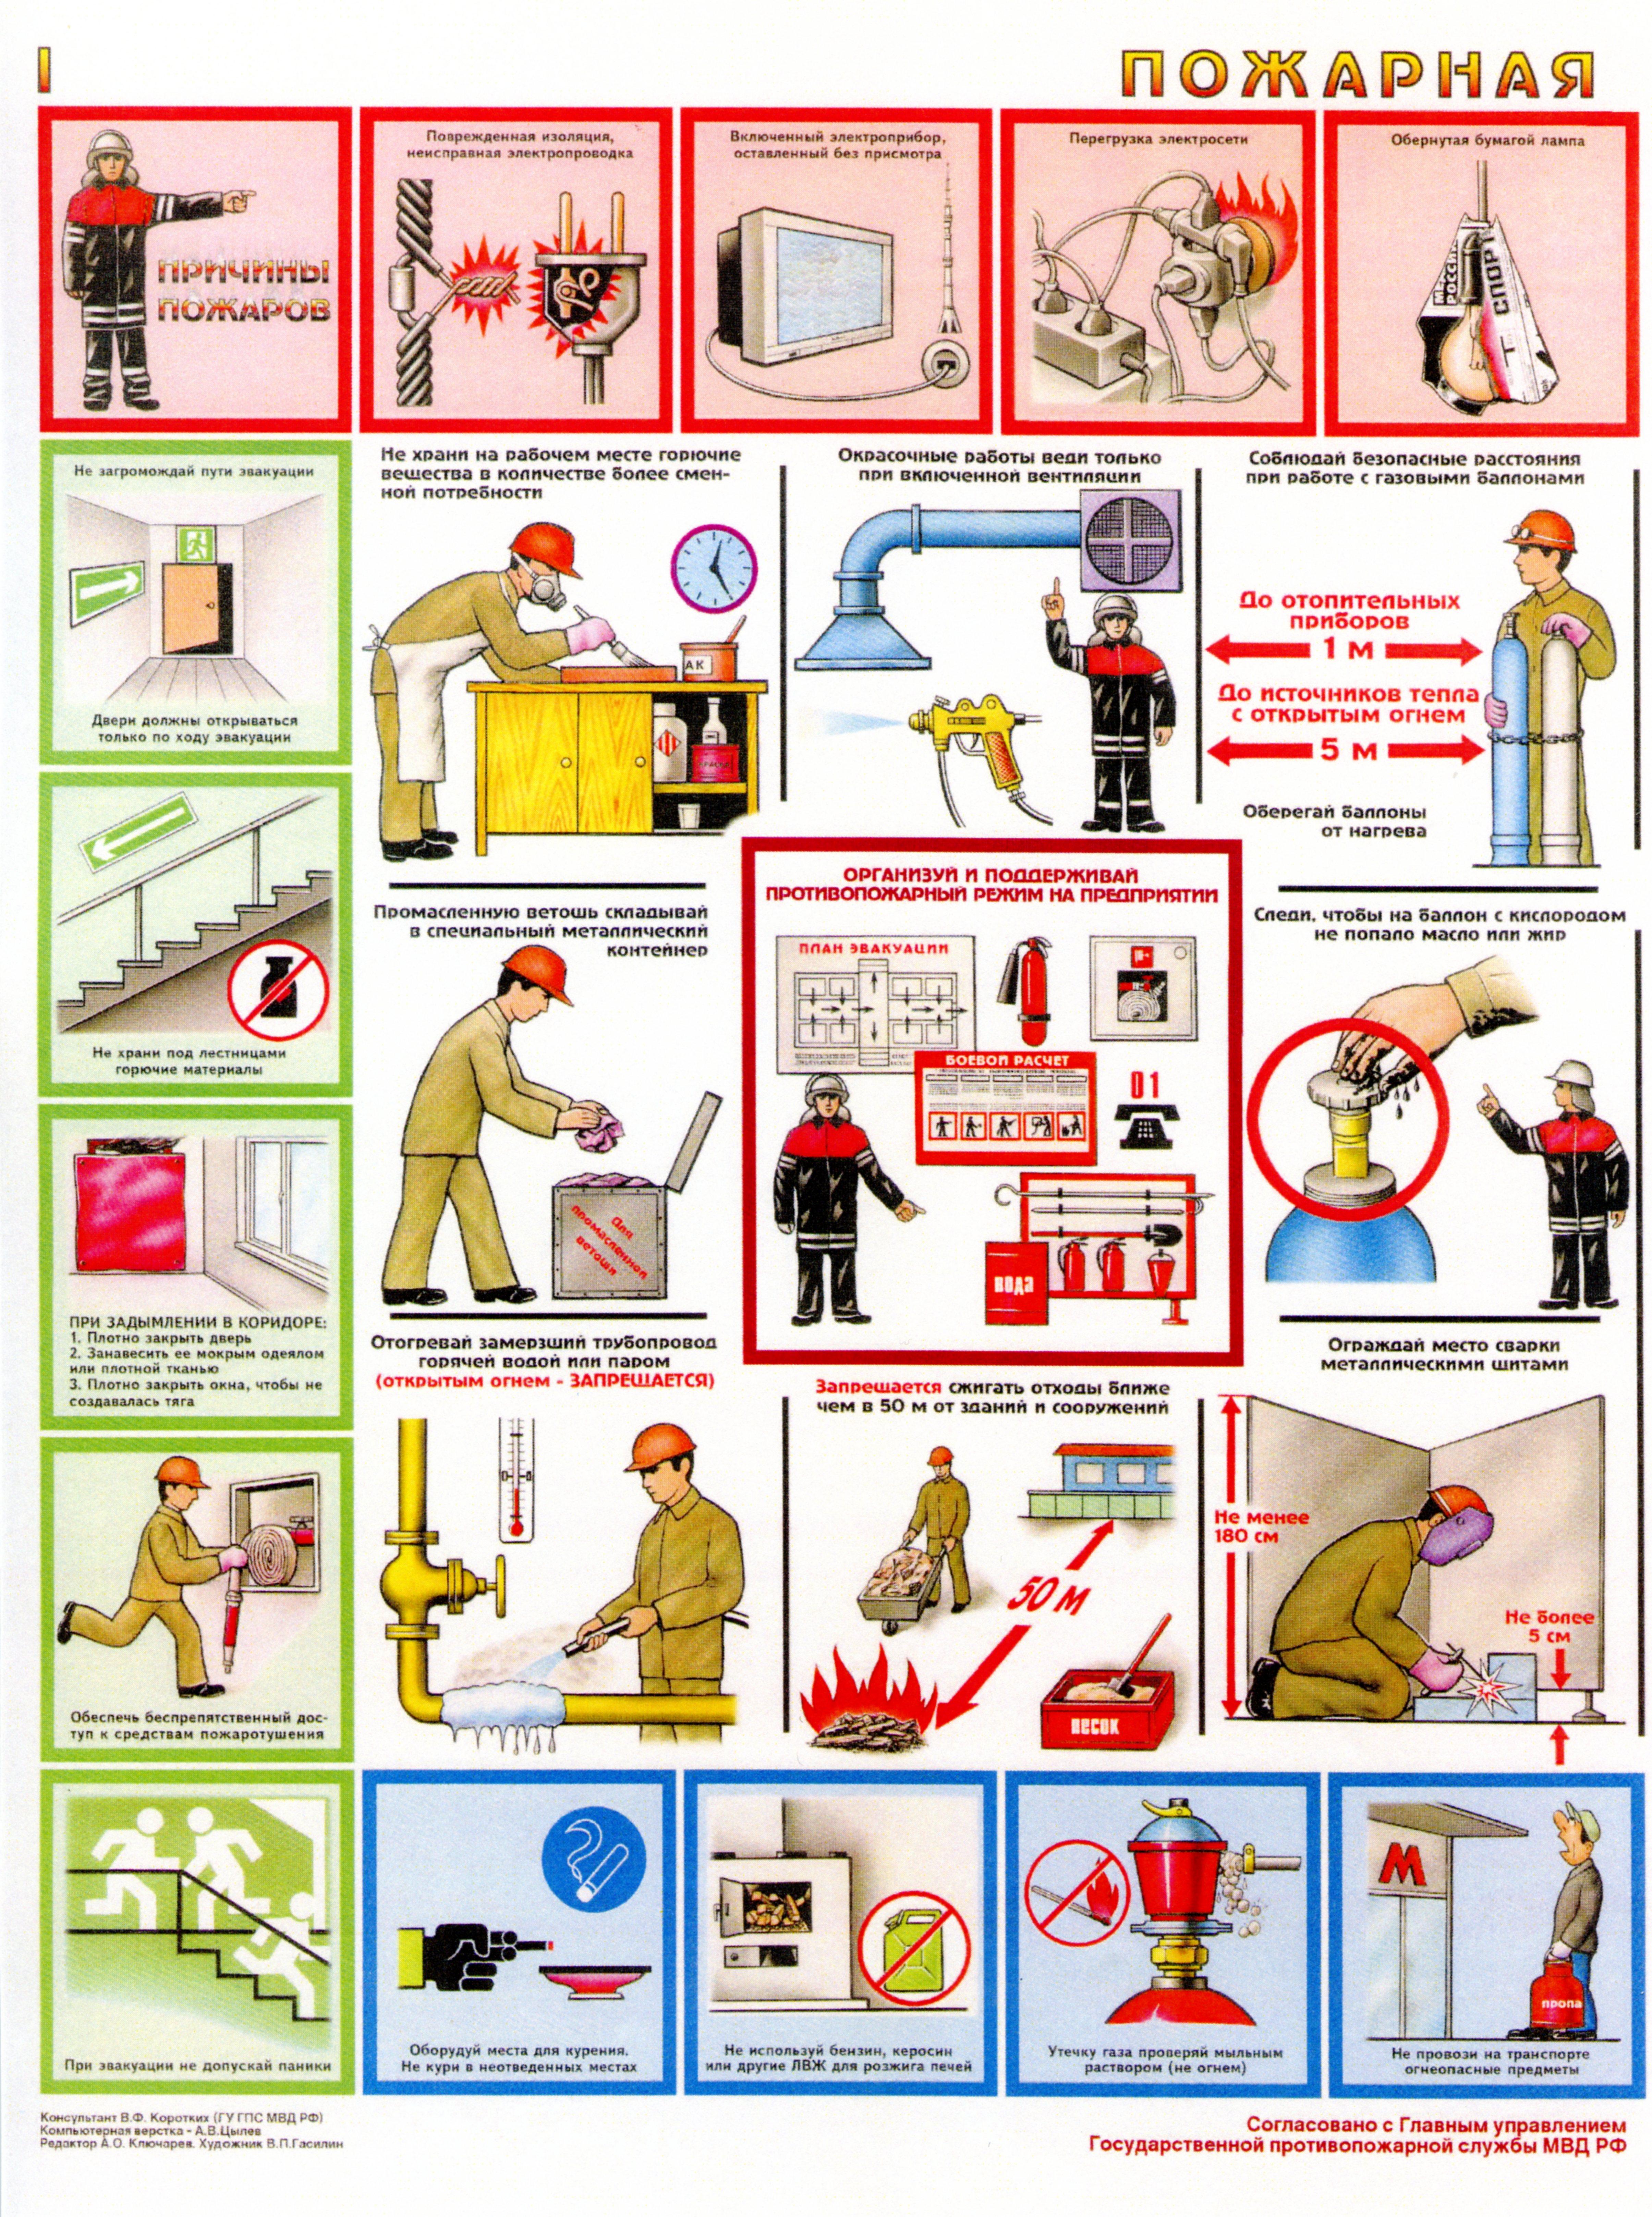 Плакаты по пожарной безопасности.